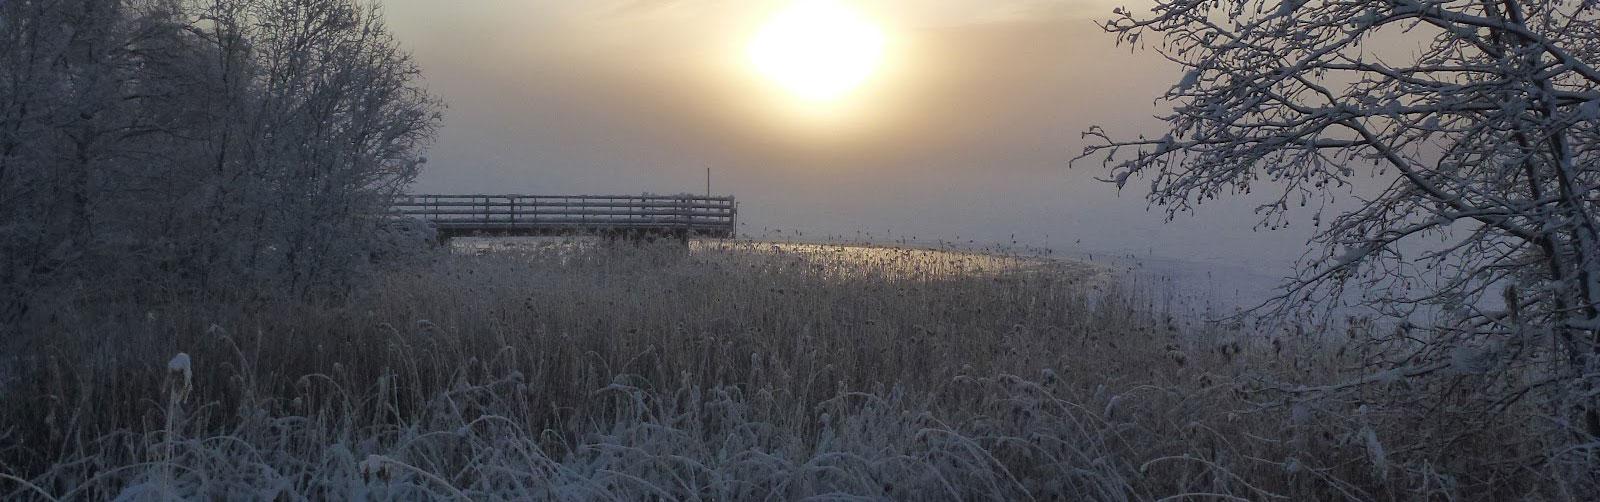 Sidsjö-Vinterbild1